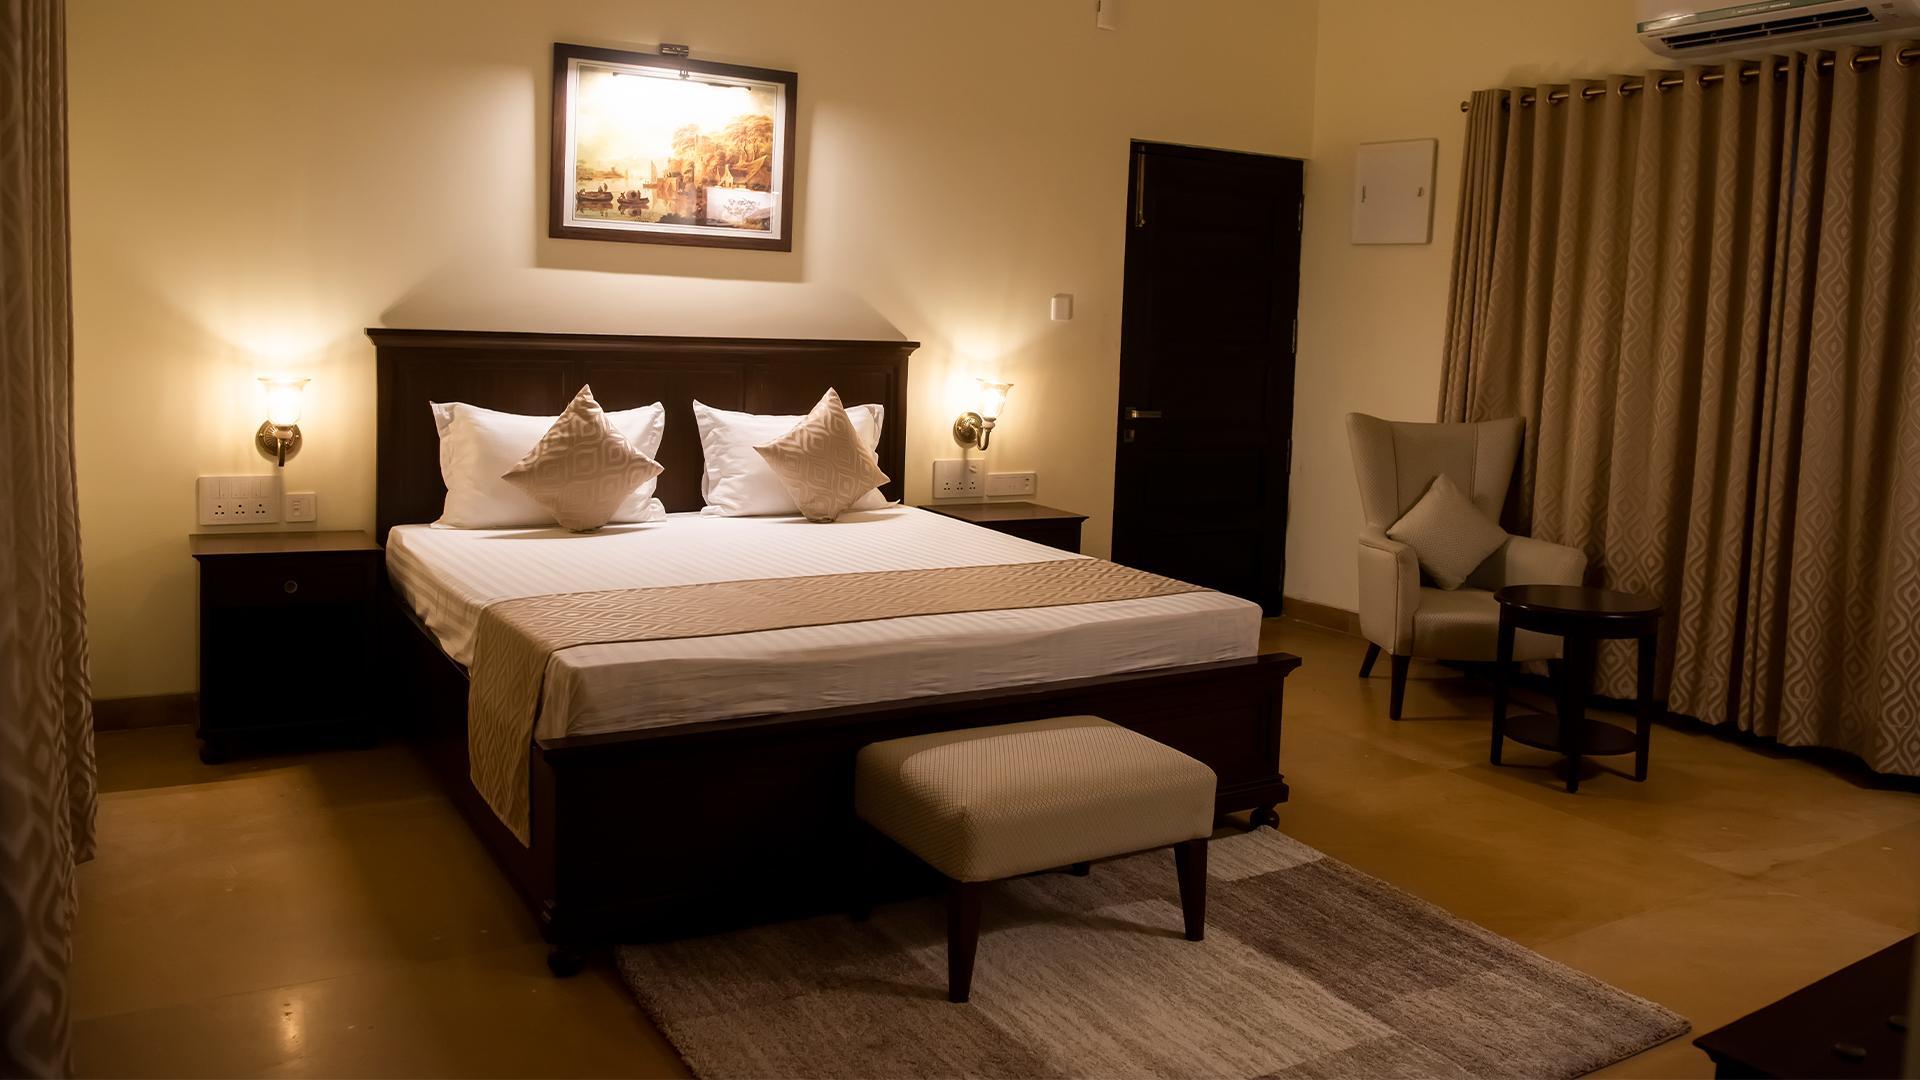 Executive Cottage image 1 at WelcomHeritage Tadoba Vanya Villas Resort & Spa by Chandrapur, Maharashtra, India